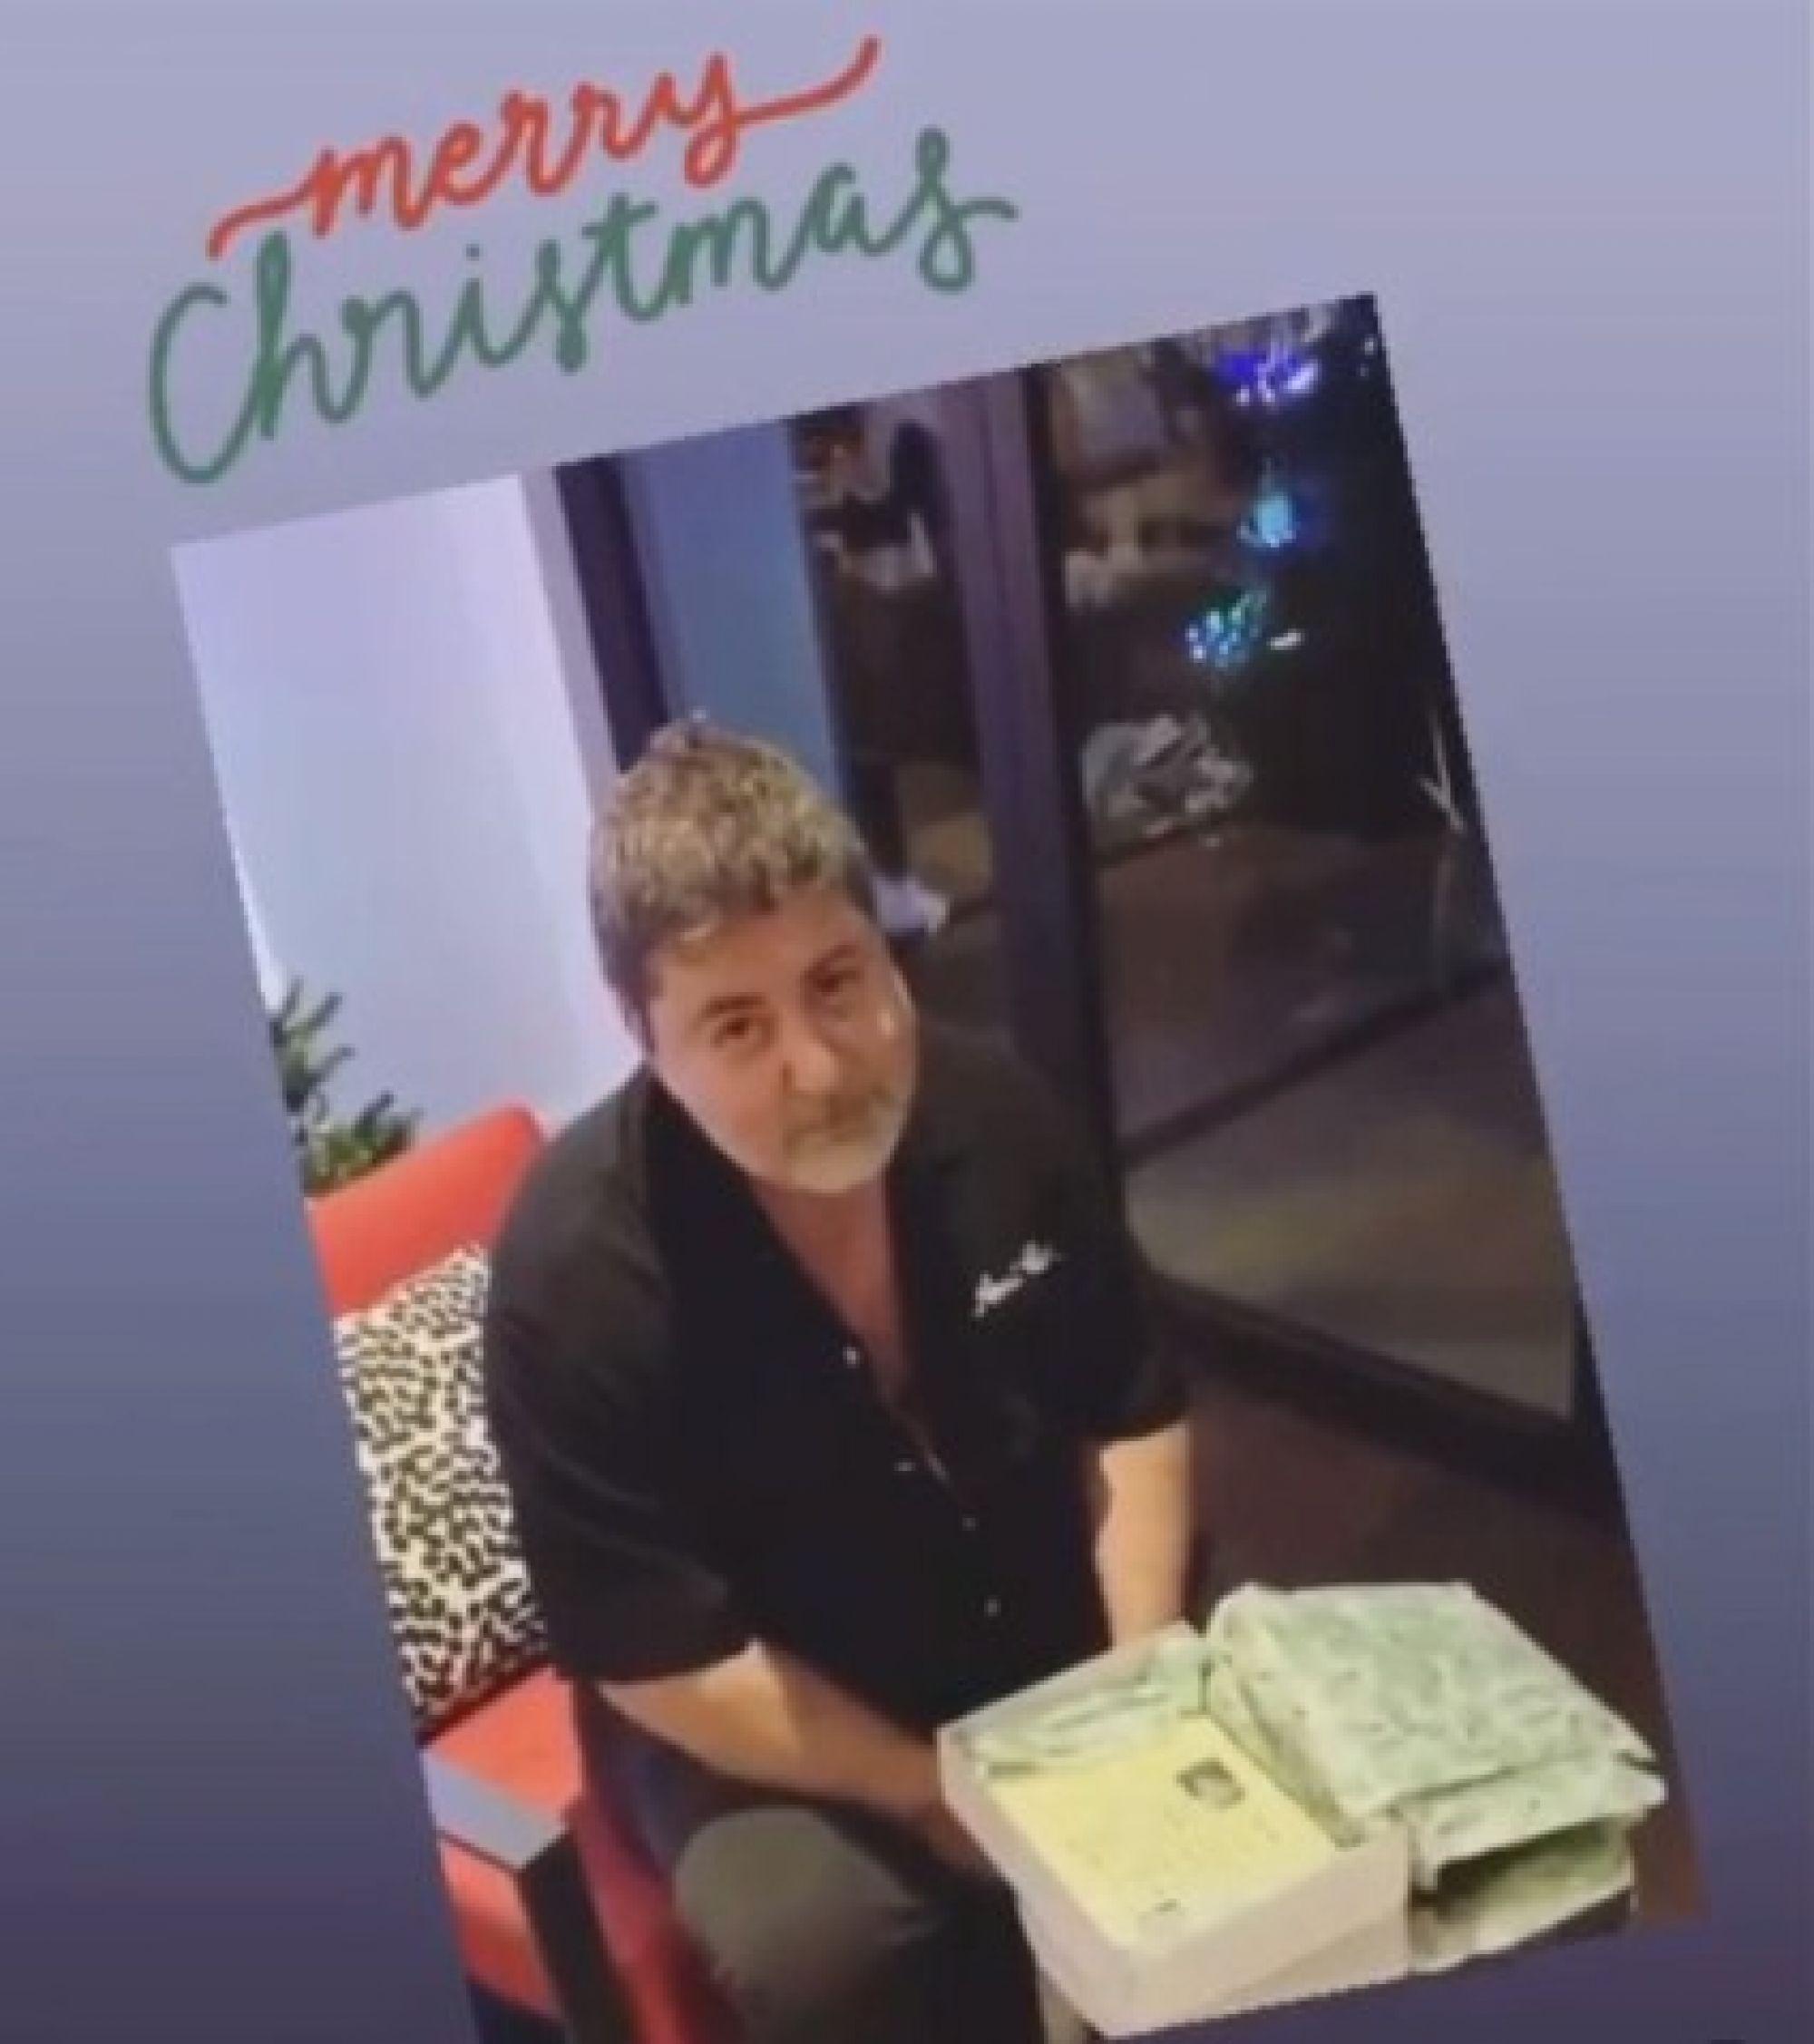 Всякий подарок лучше книги: Александр Цекало не обрадовался рождественскому подарку молодой жены